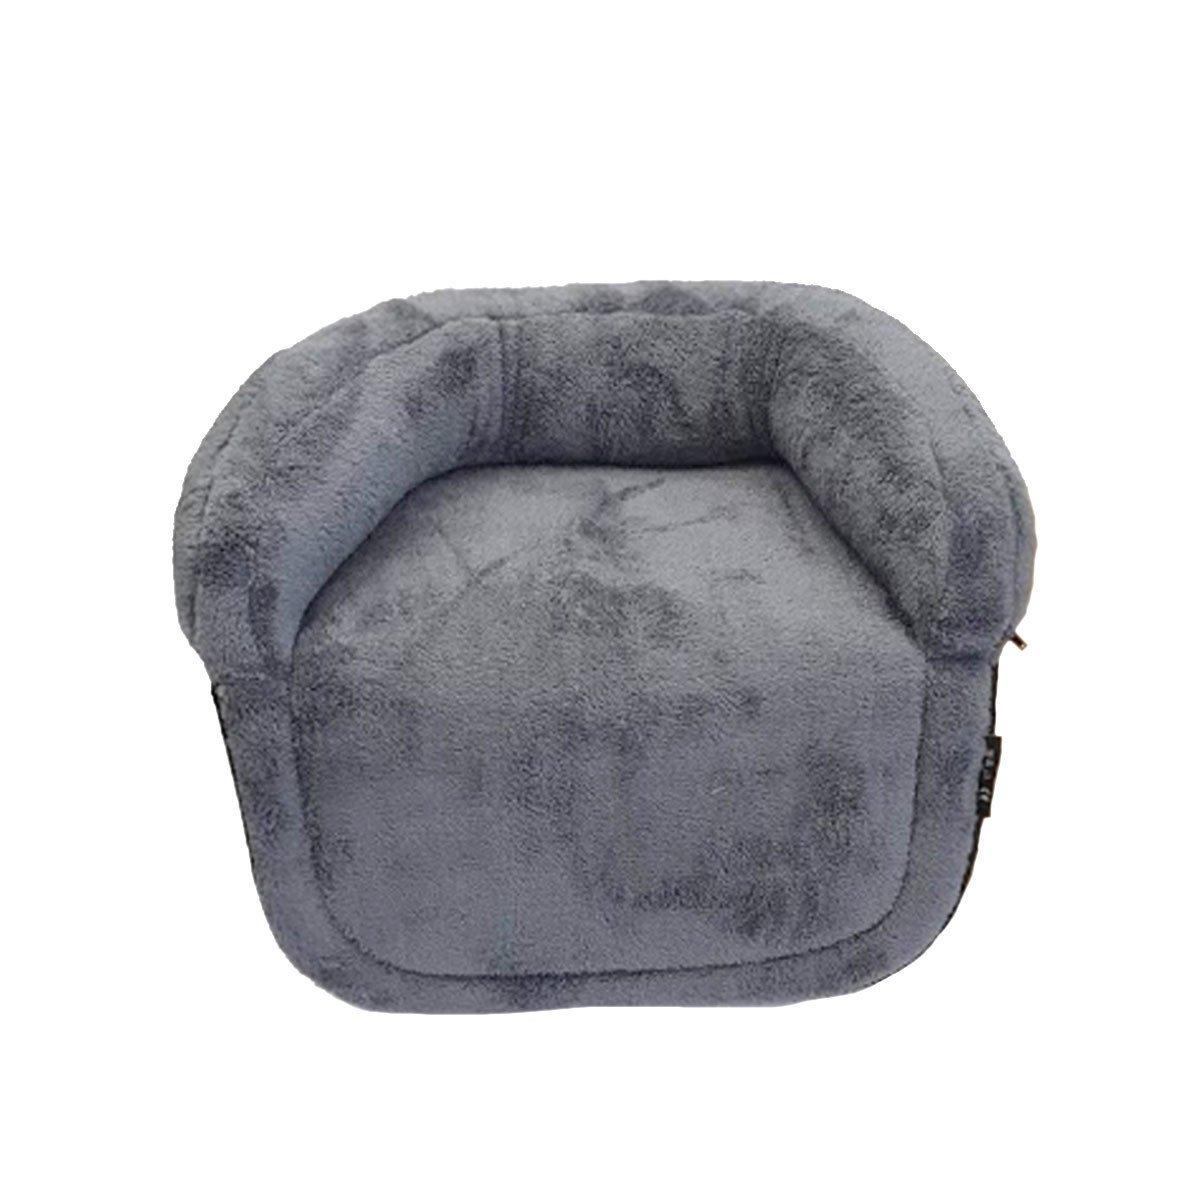 wauweich Sofadecke für Hunde aus Plüsch, S: 80 x 66 cm, grau